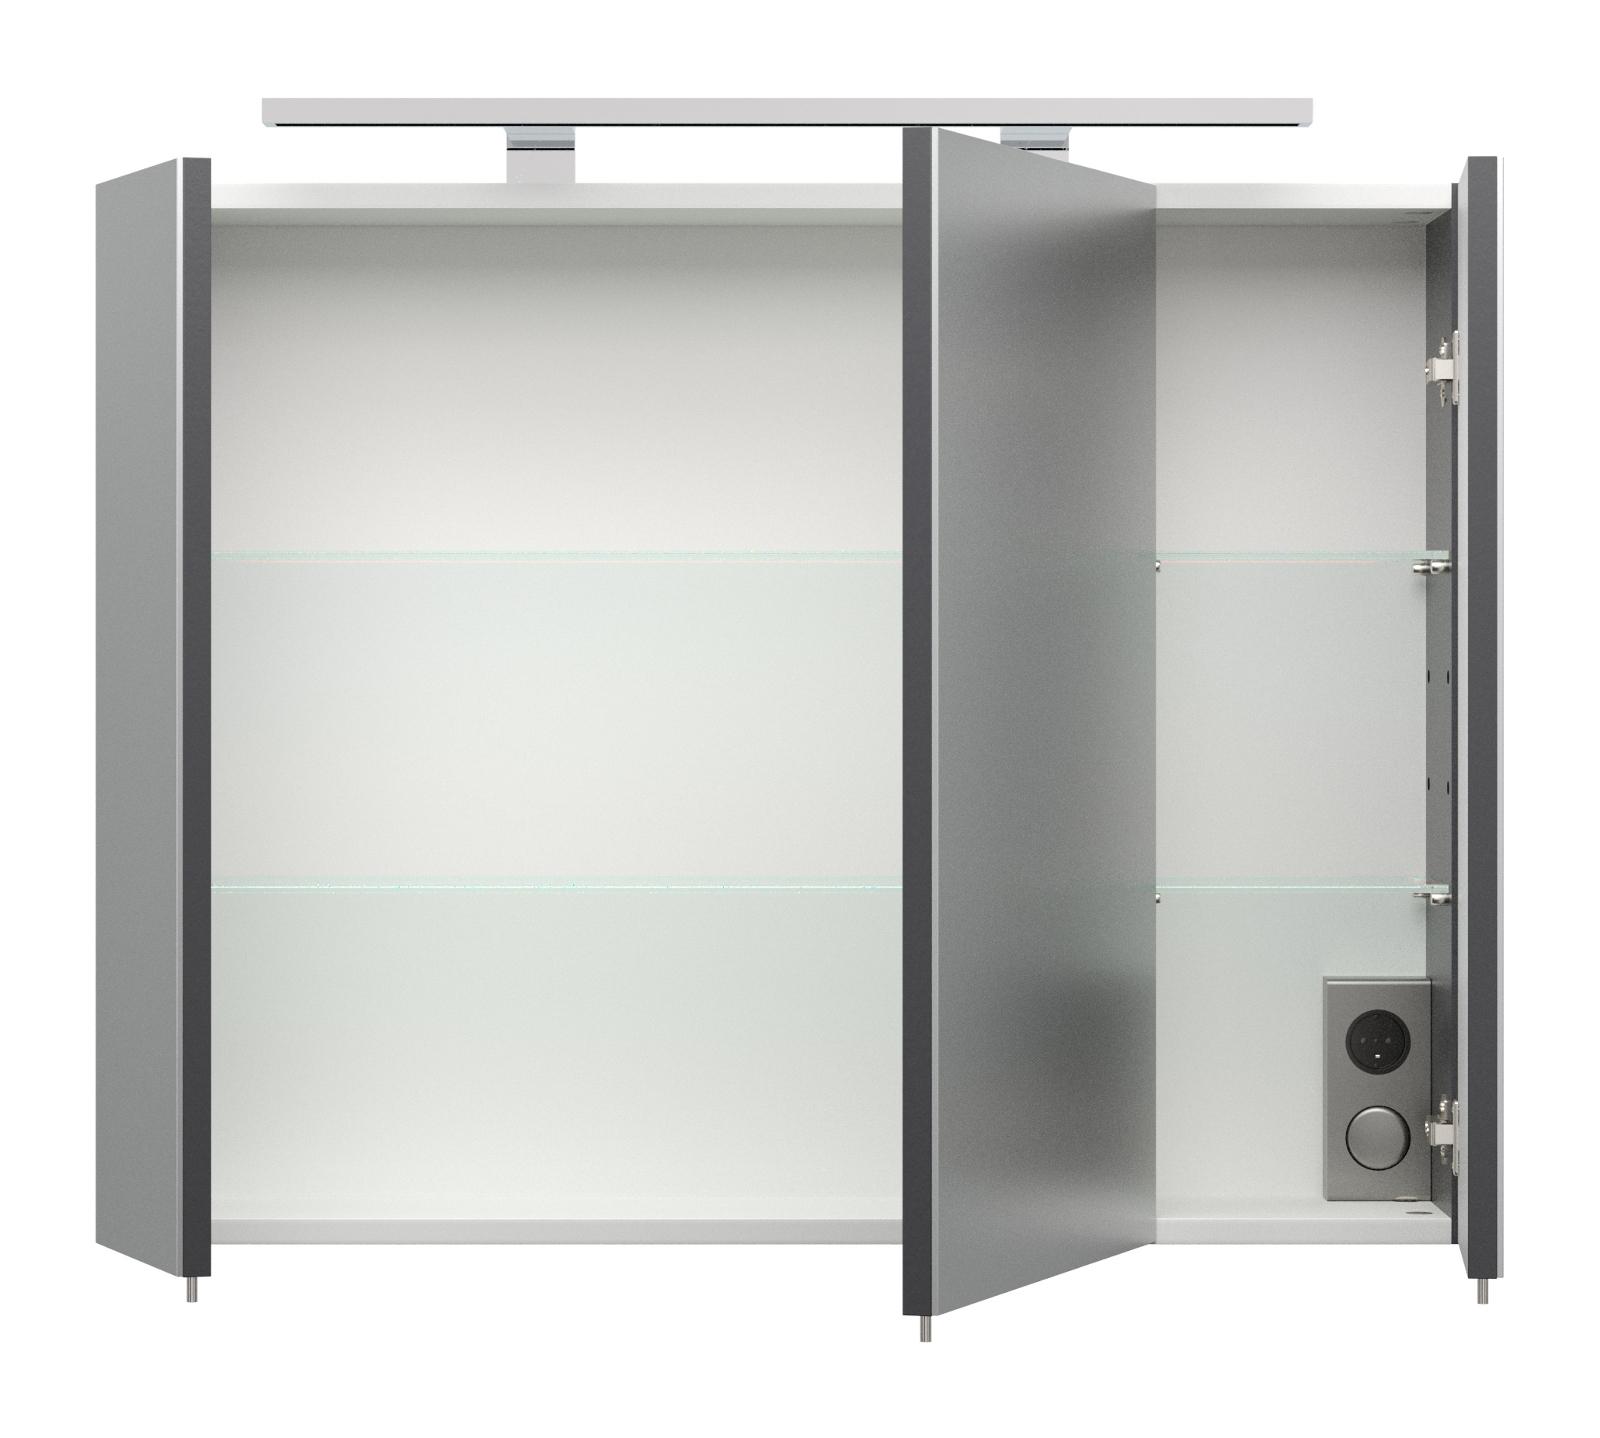 Badmöbel Spiegelschrank Inkl. Beleuchtung